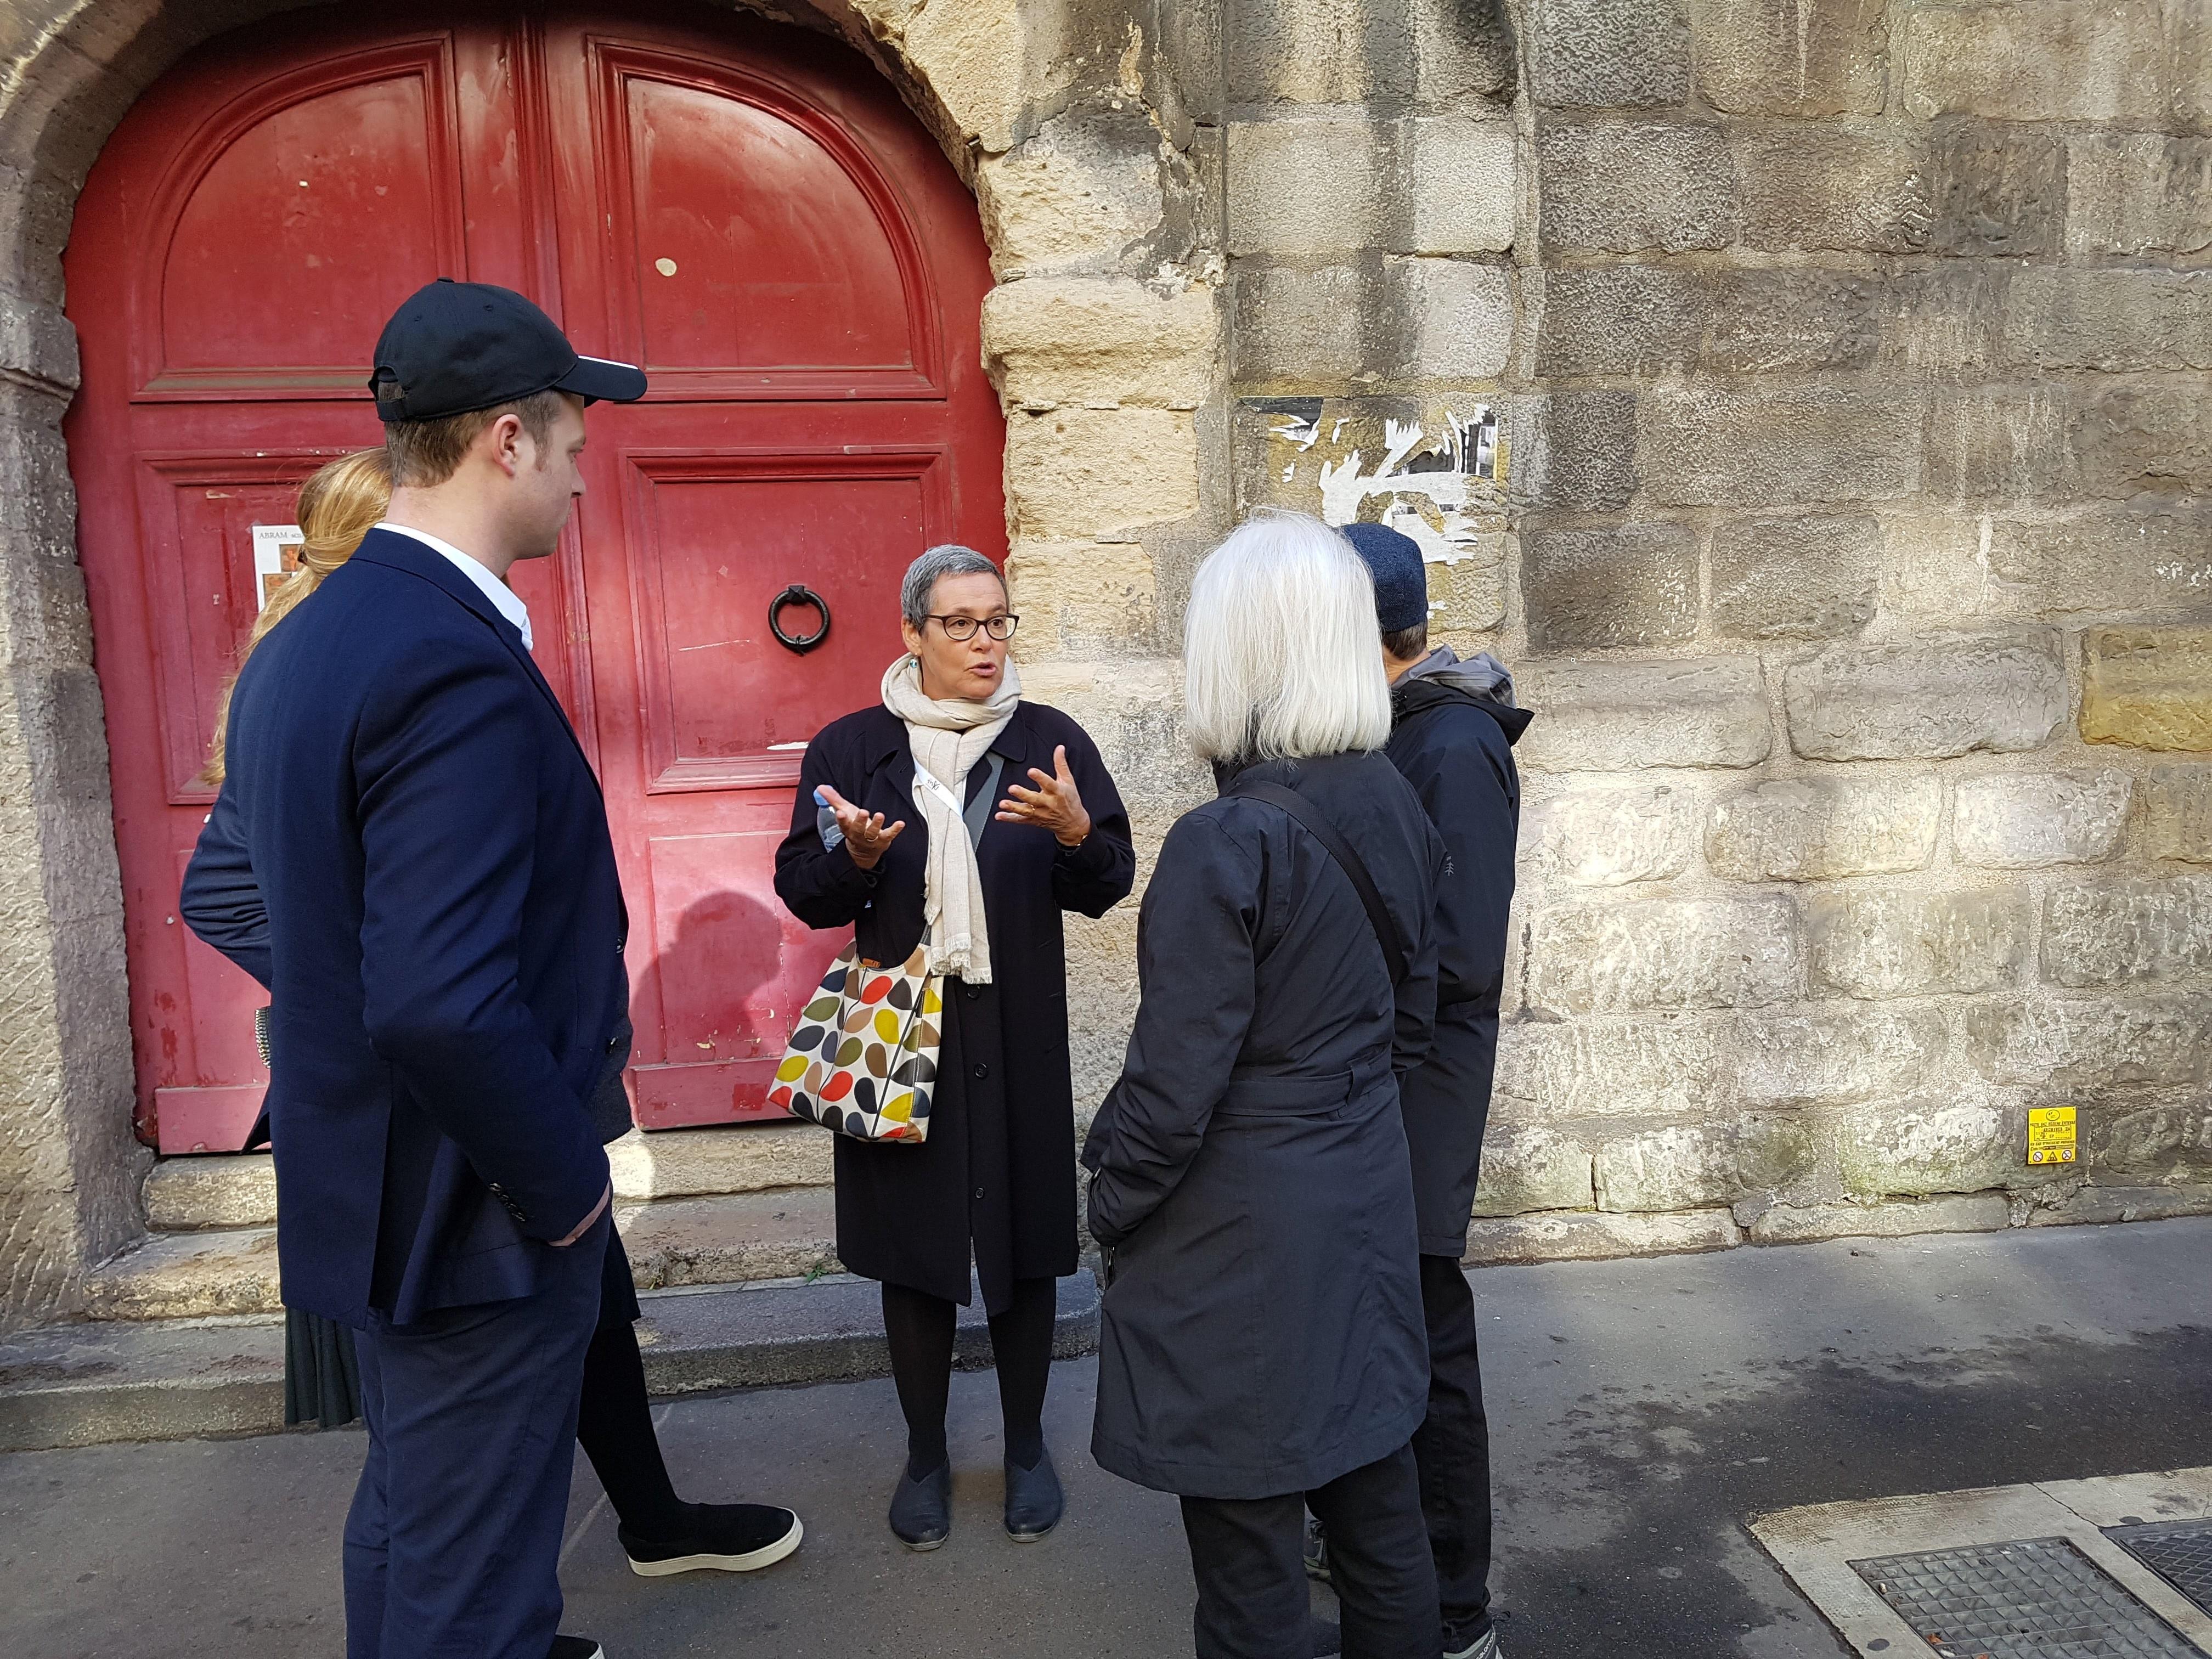 Léontine Cohen - Tour guide for the Jewish Tour in Paris